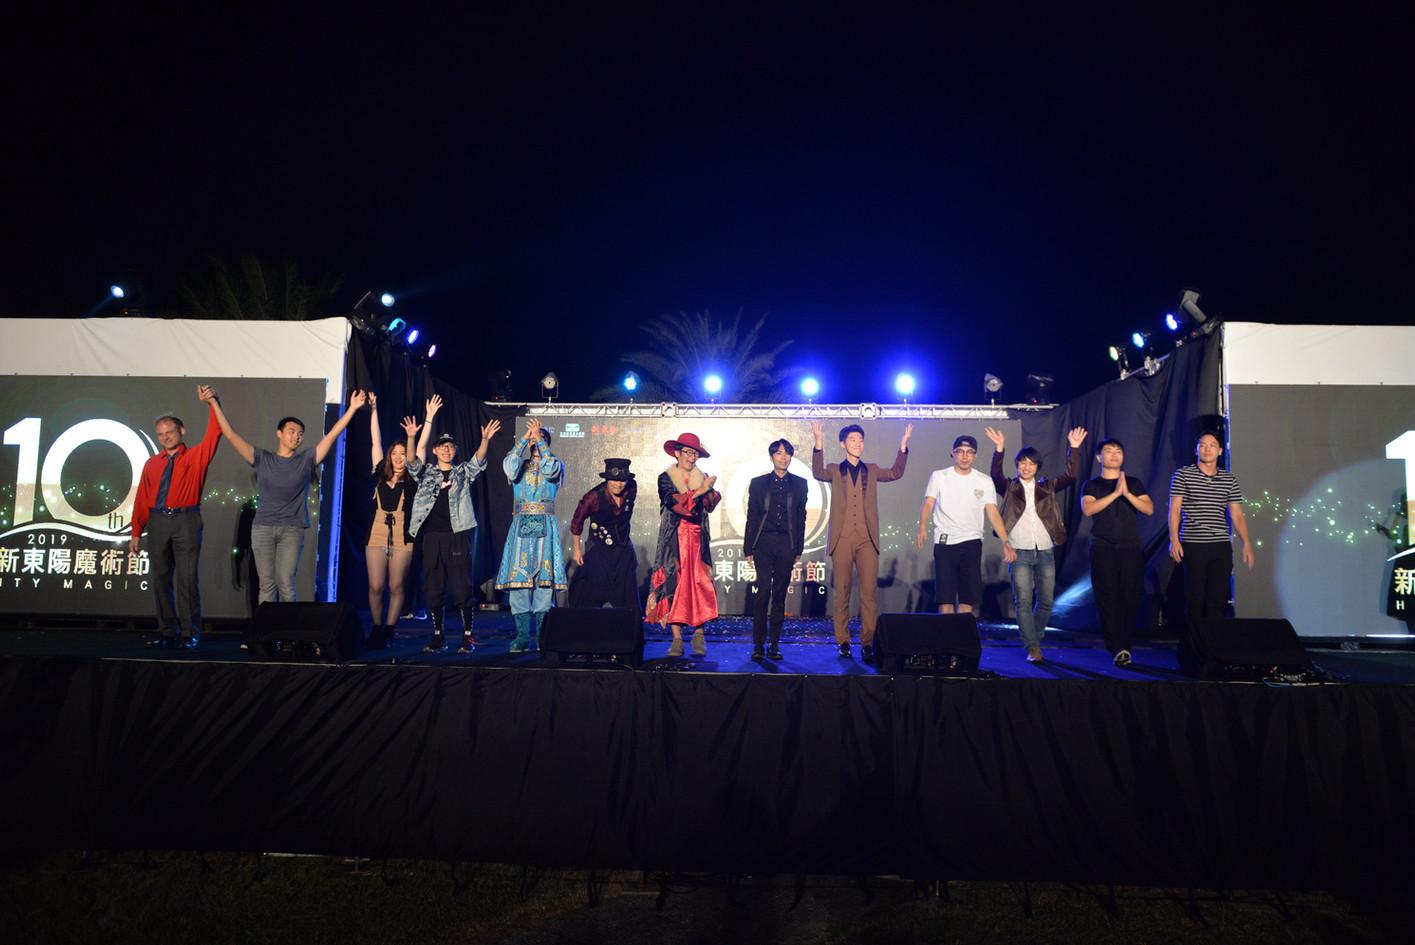 第十屆國際魔術大賽 謝幕